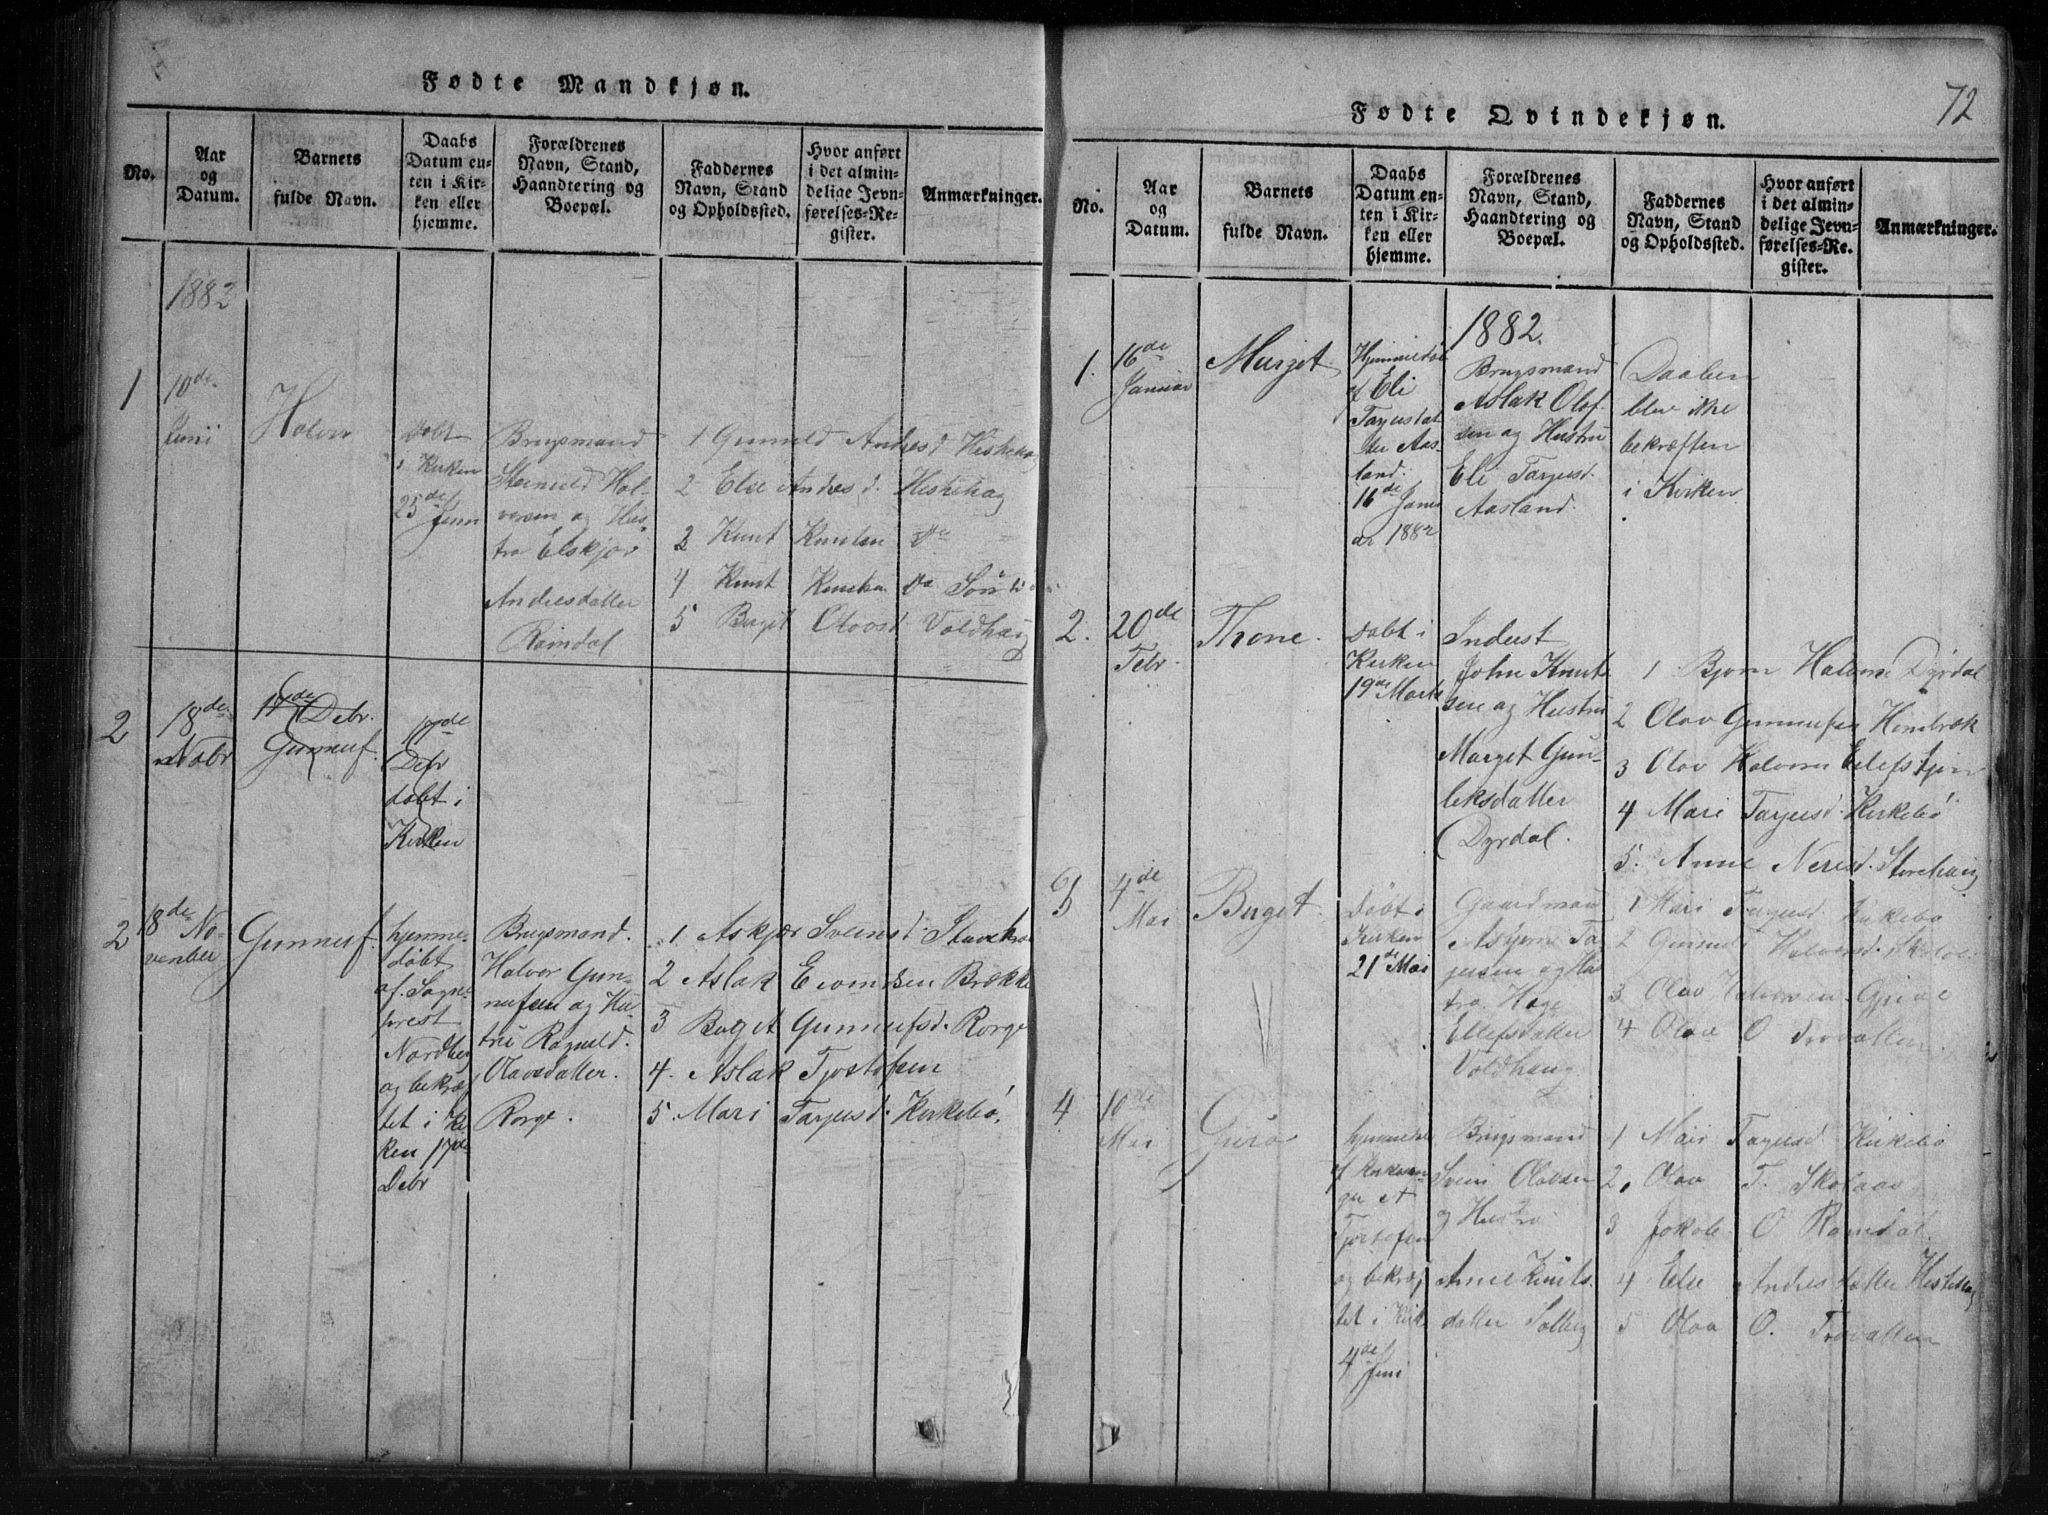 SAKO, Rauland kirkebøker, G/Gb/L0001: Klokkerbok nr. II 1, 1815-1886, s. 72